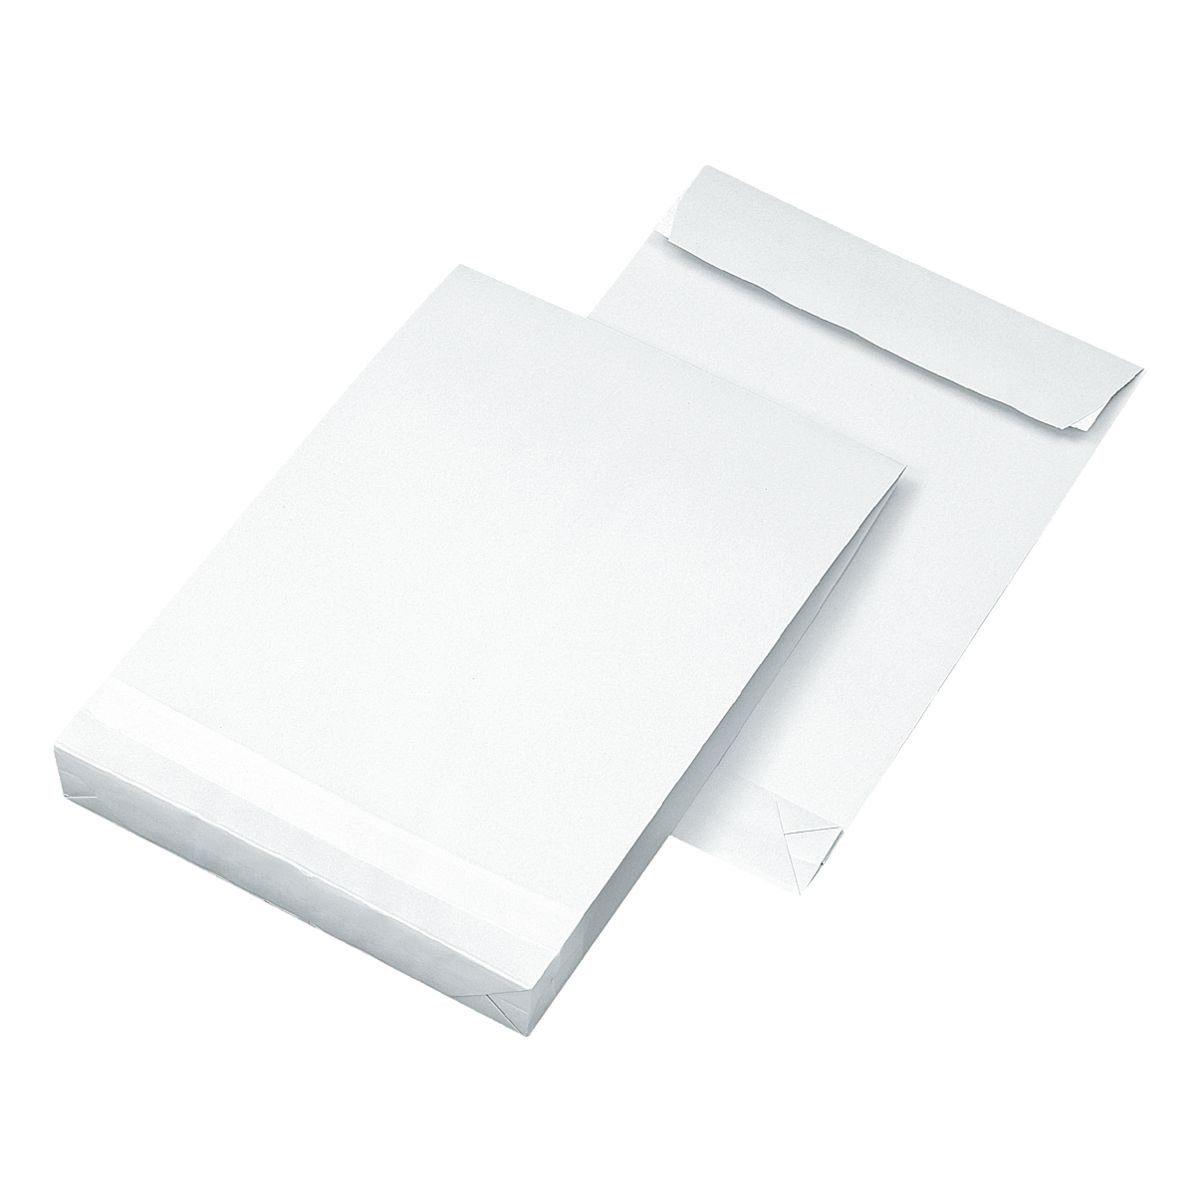 Mailmedia Faltentaschen